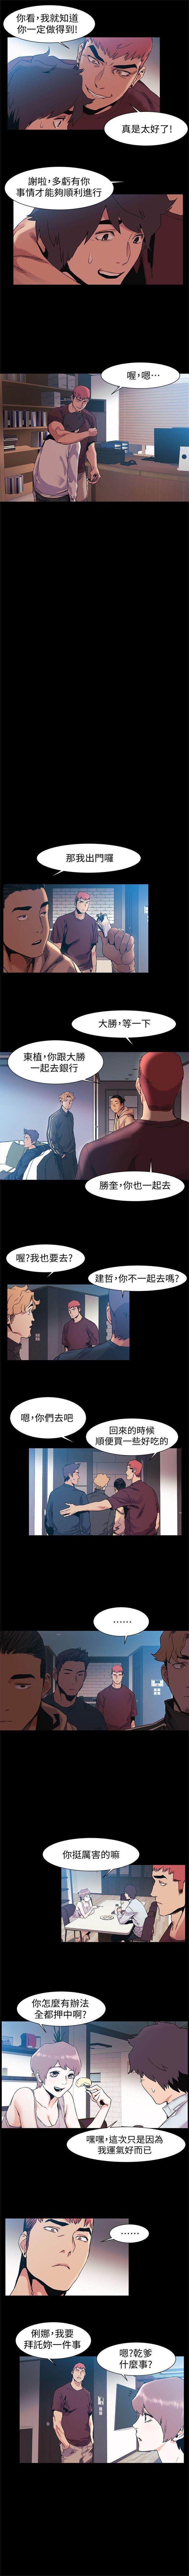 衝突 1-100官方中文(連載中) 194